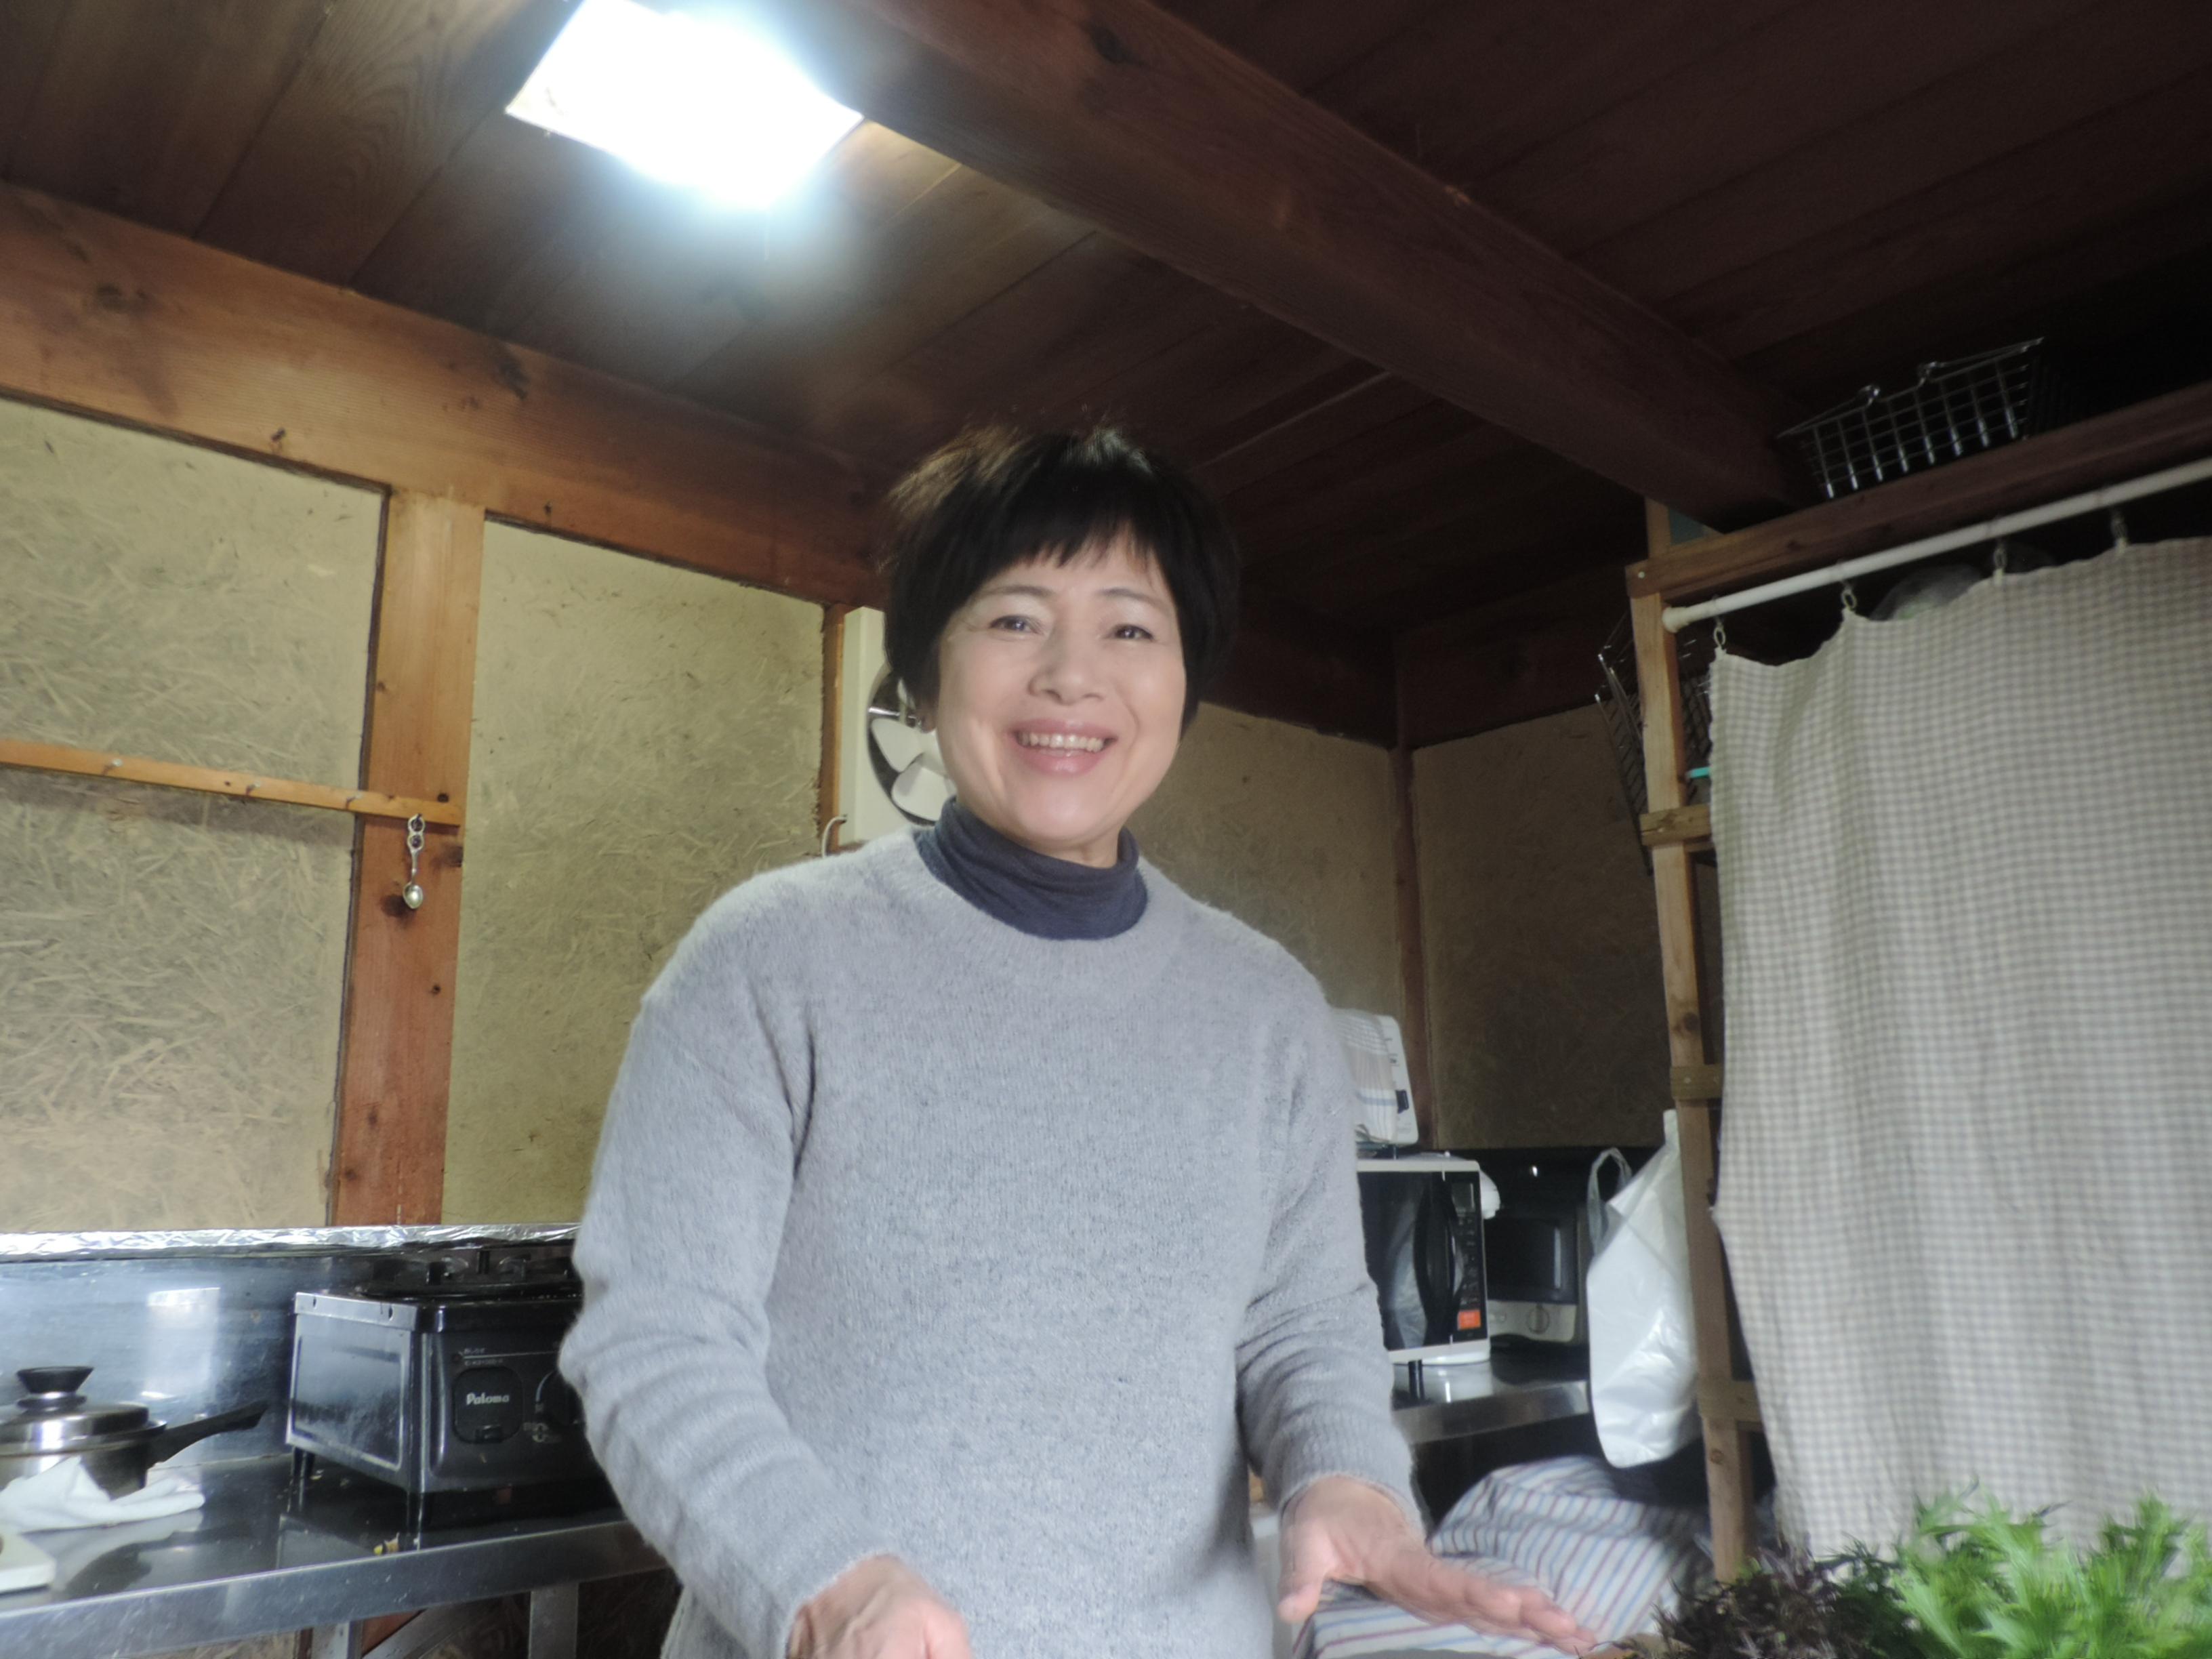 のんののひとりカルチャー教室 大阪・吹田 三重・伊賀